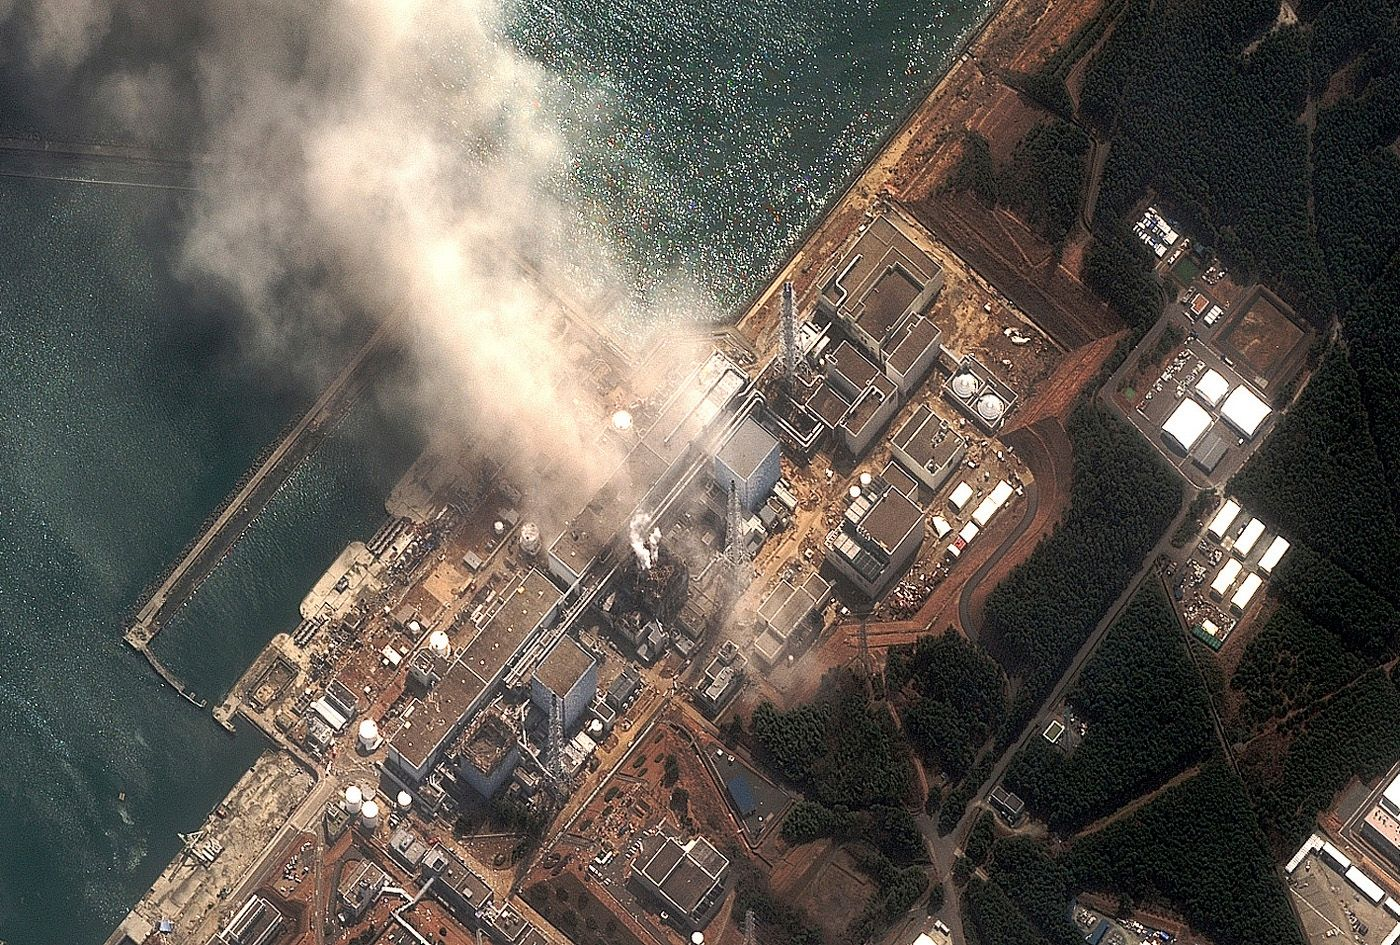 Arrêt de l'enquête dans les maternités de Fukushima : un non-lieu sanitaire pour le nucléaire ?